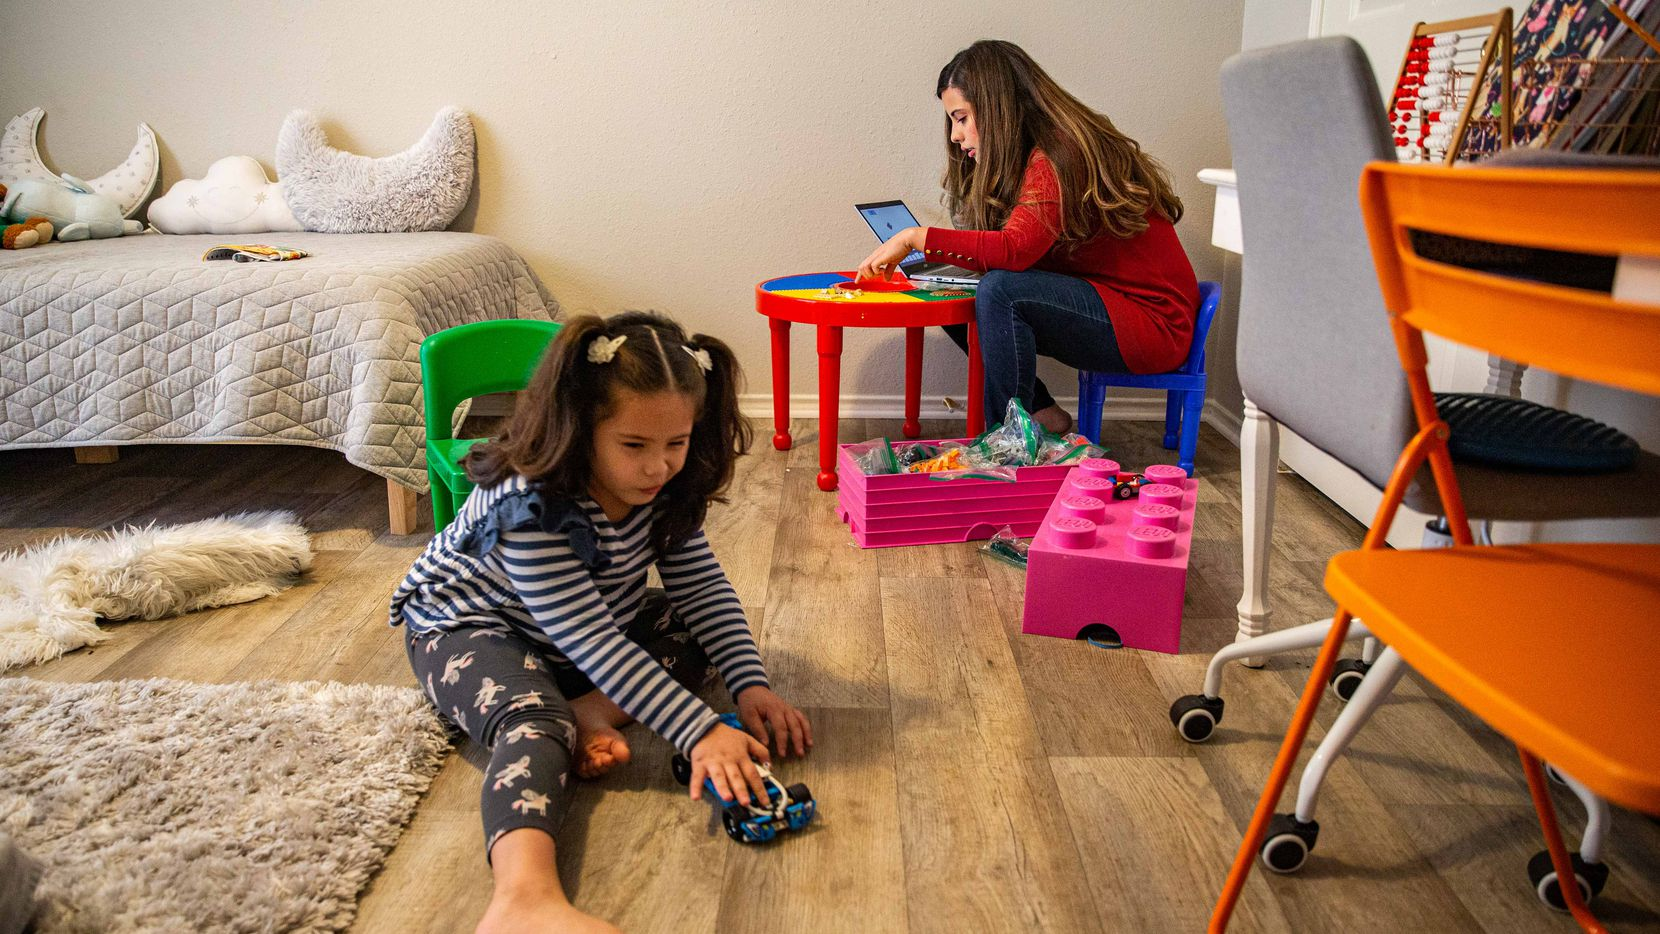 Itzel Ramirez Tapia pasa tiempo con su hija Samantha, de 5 años, en su casa en Lewisville. Ramirez Tapia se graduará con un título en ciencias de computación.